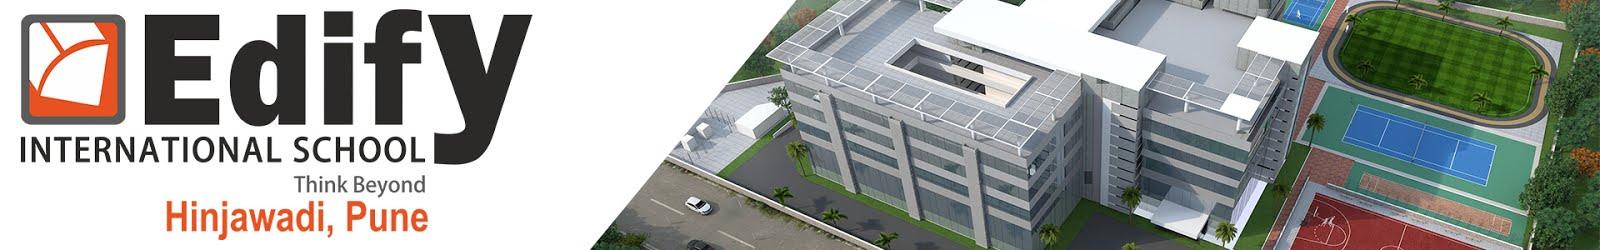 Edify IB School Pune